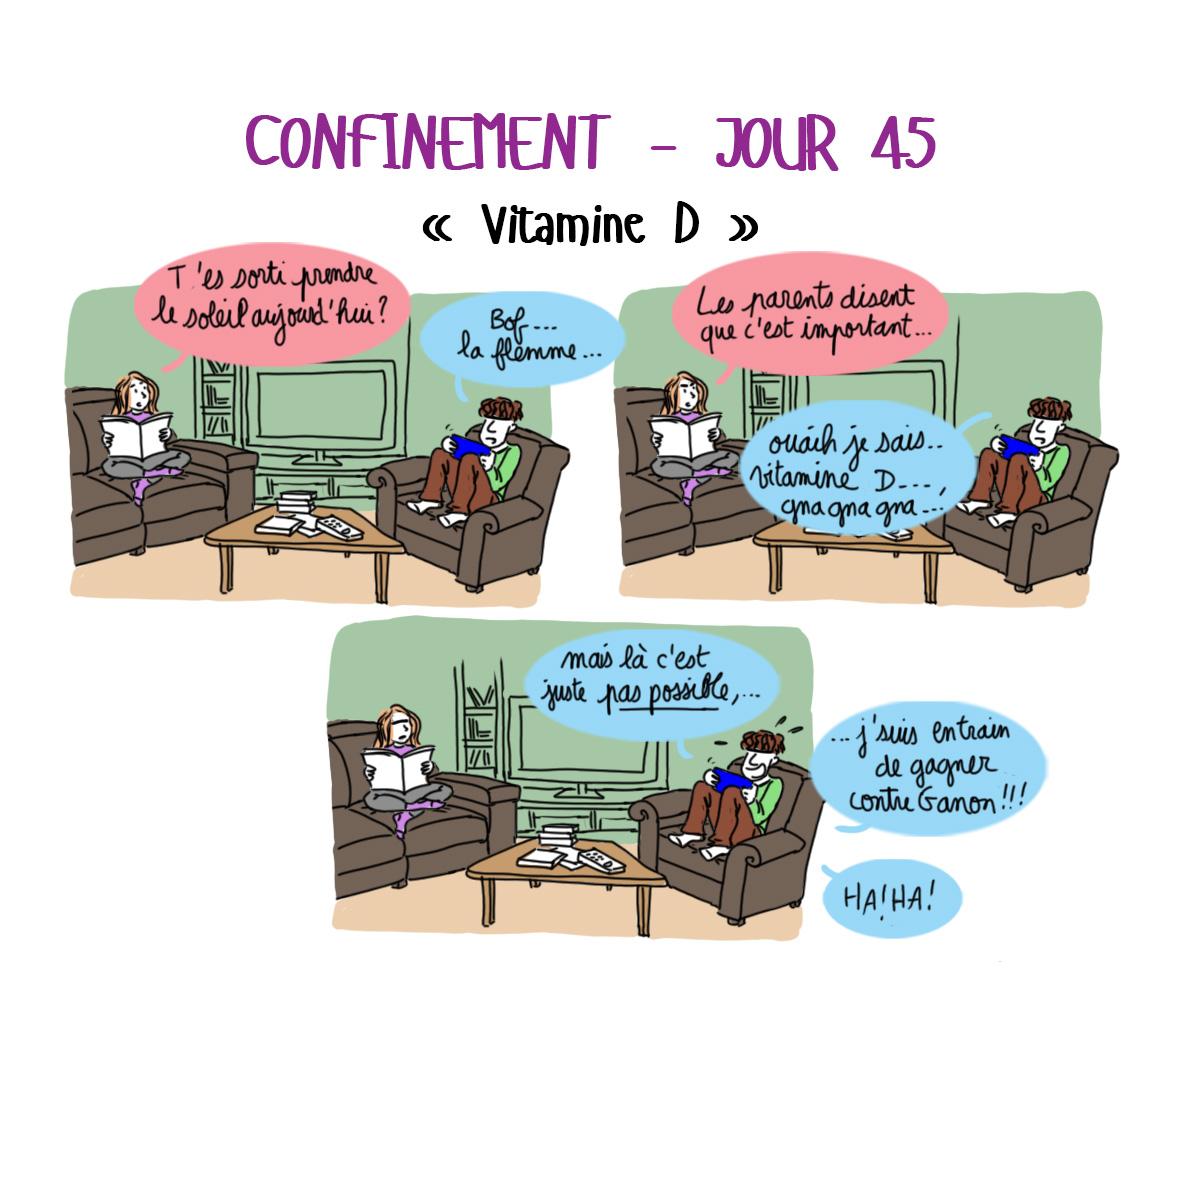 Journal de confinement - jour 45